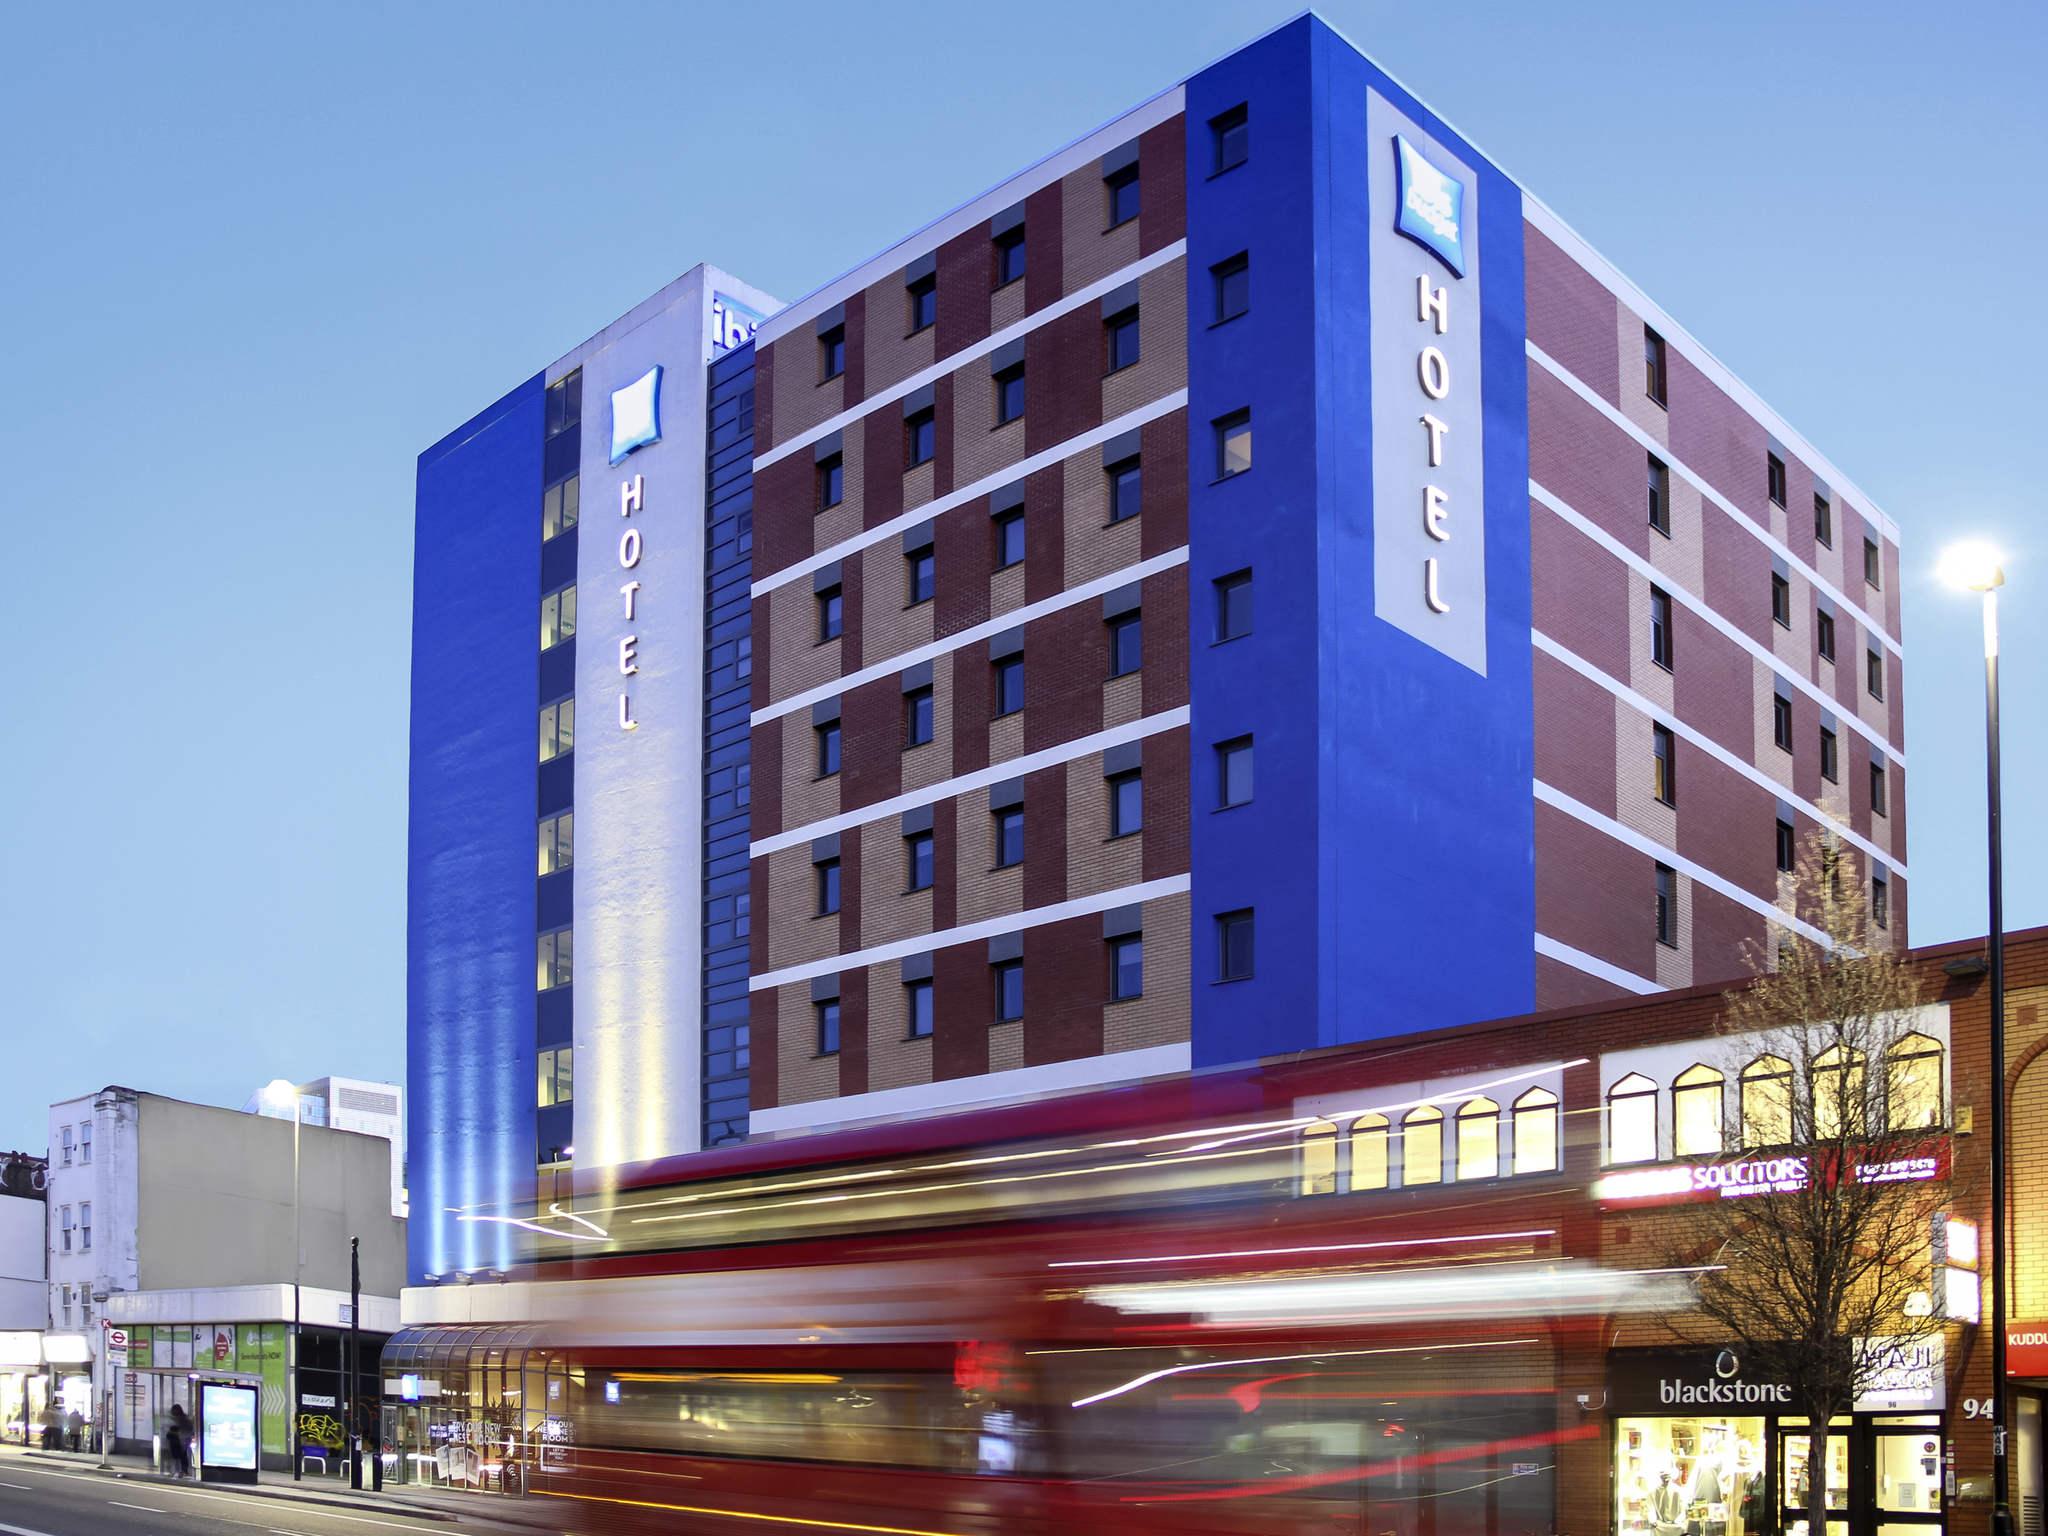 ホテル – イビス バジェット ロンドン ホワイトチャペル - ブリック レーン